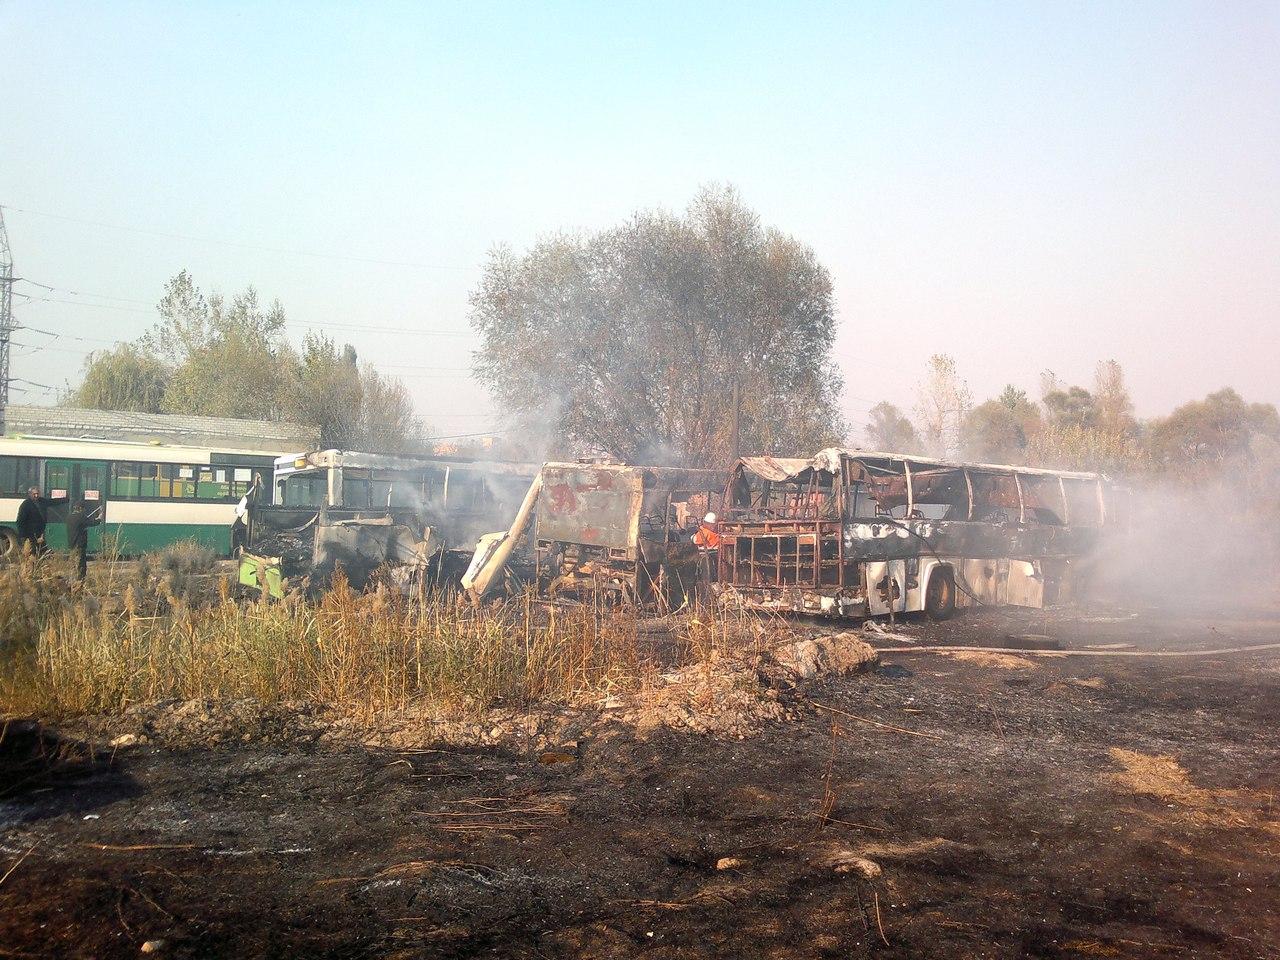 Сгорело четыре автобуса в пожаре под Харьковом (ФОТО)